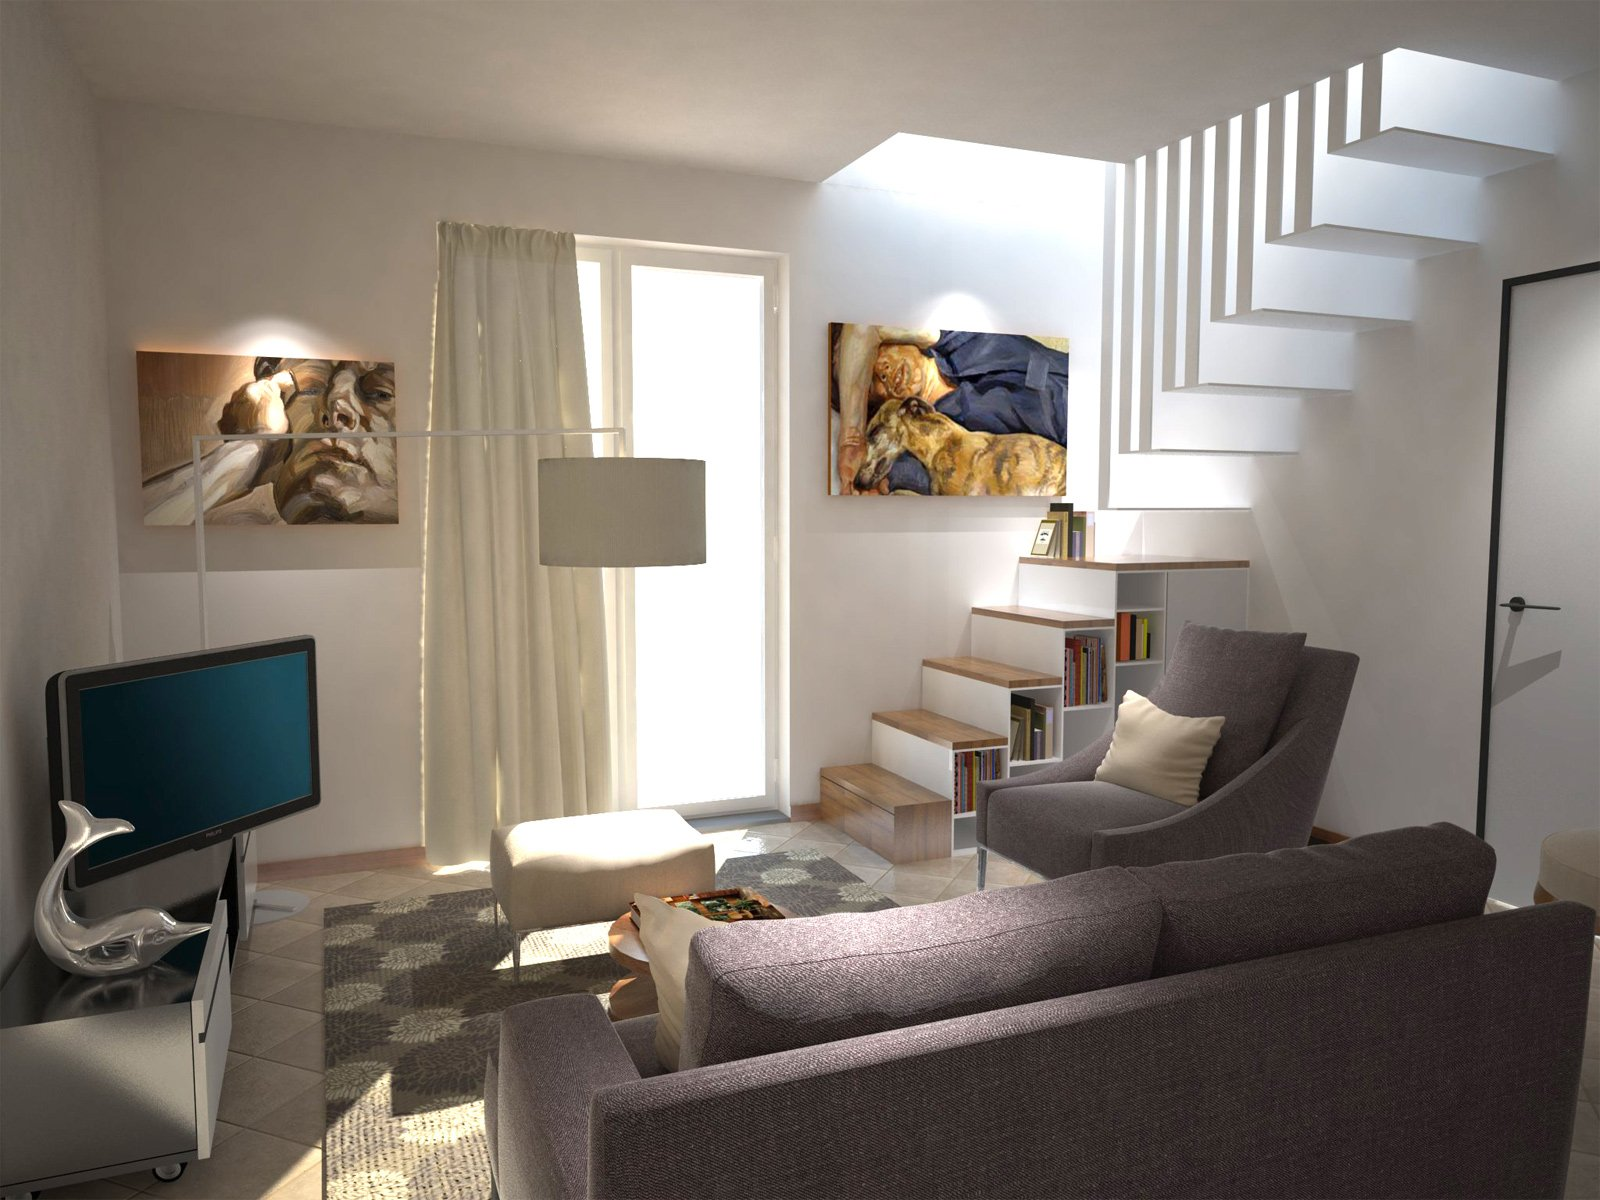 Arredare un soggiorno con tante aperture sulle pareti - Arredo per la casa ...